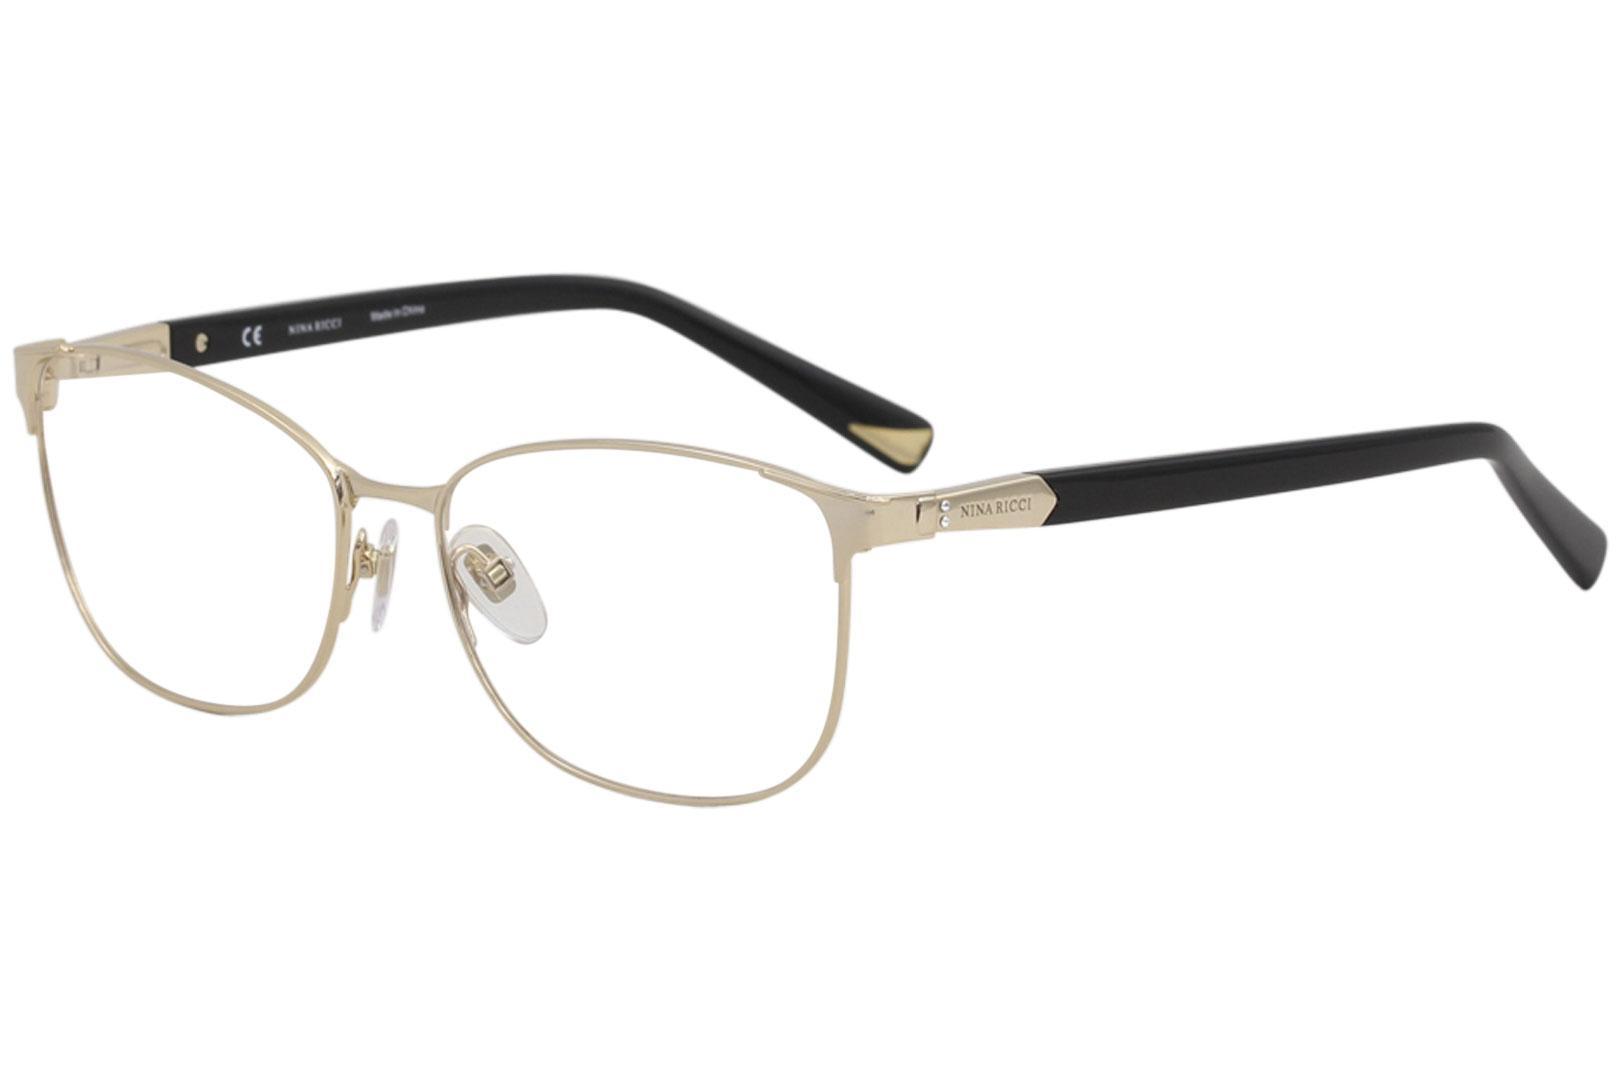 e855a95b5e Nina Ricci Women s Eyeglasses VNR079S VNR 079 S Full Rim Optical Frame